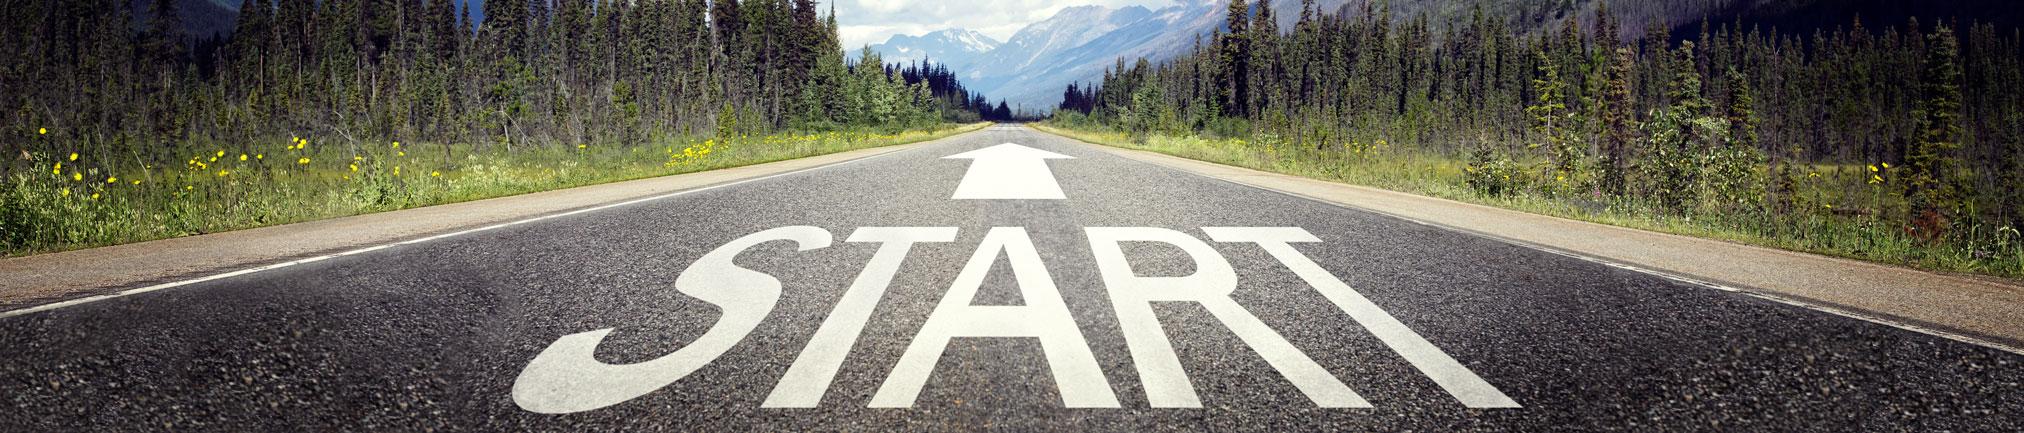 Draster-Start-2024-1218